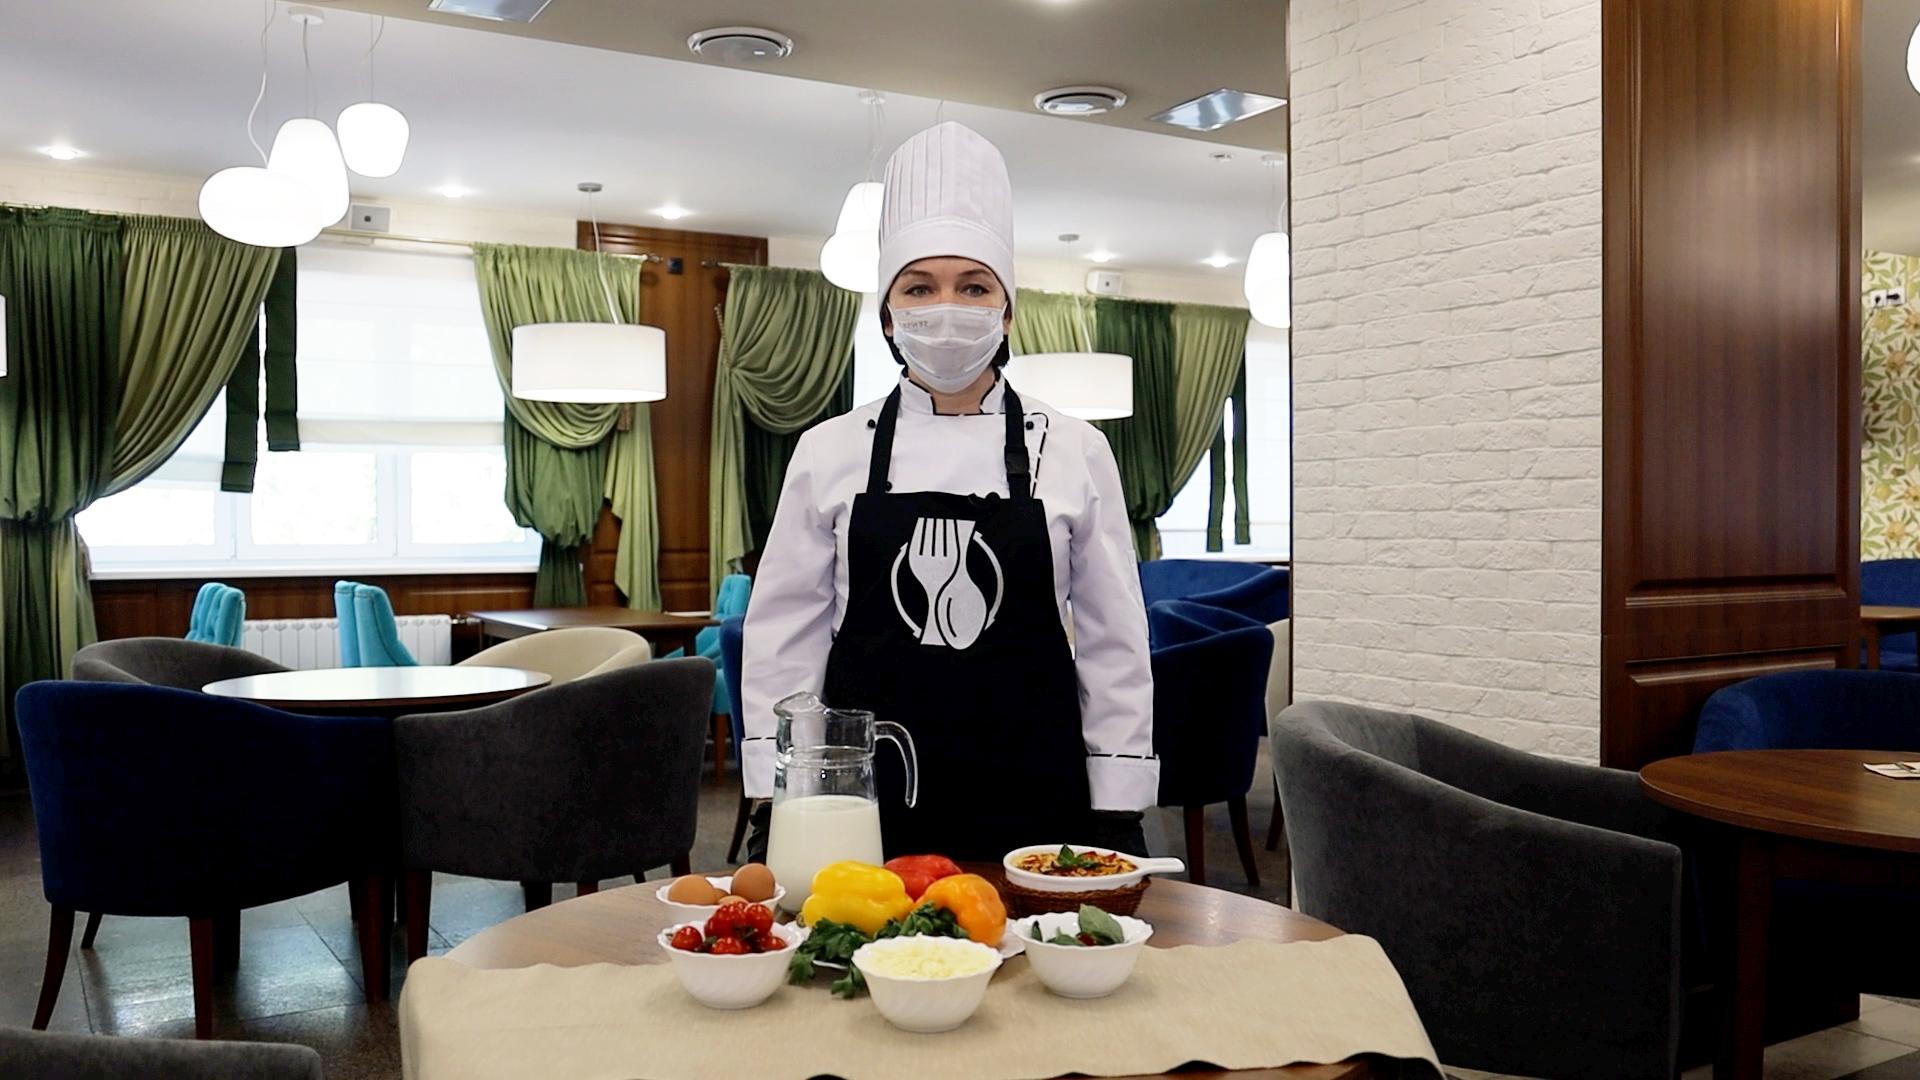 """Наталья Казанцева: """"Фриттата - это омлет с овощами, посыпанный сыром и  запеченный в"""